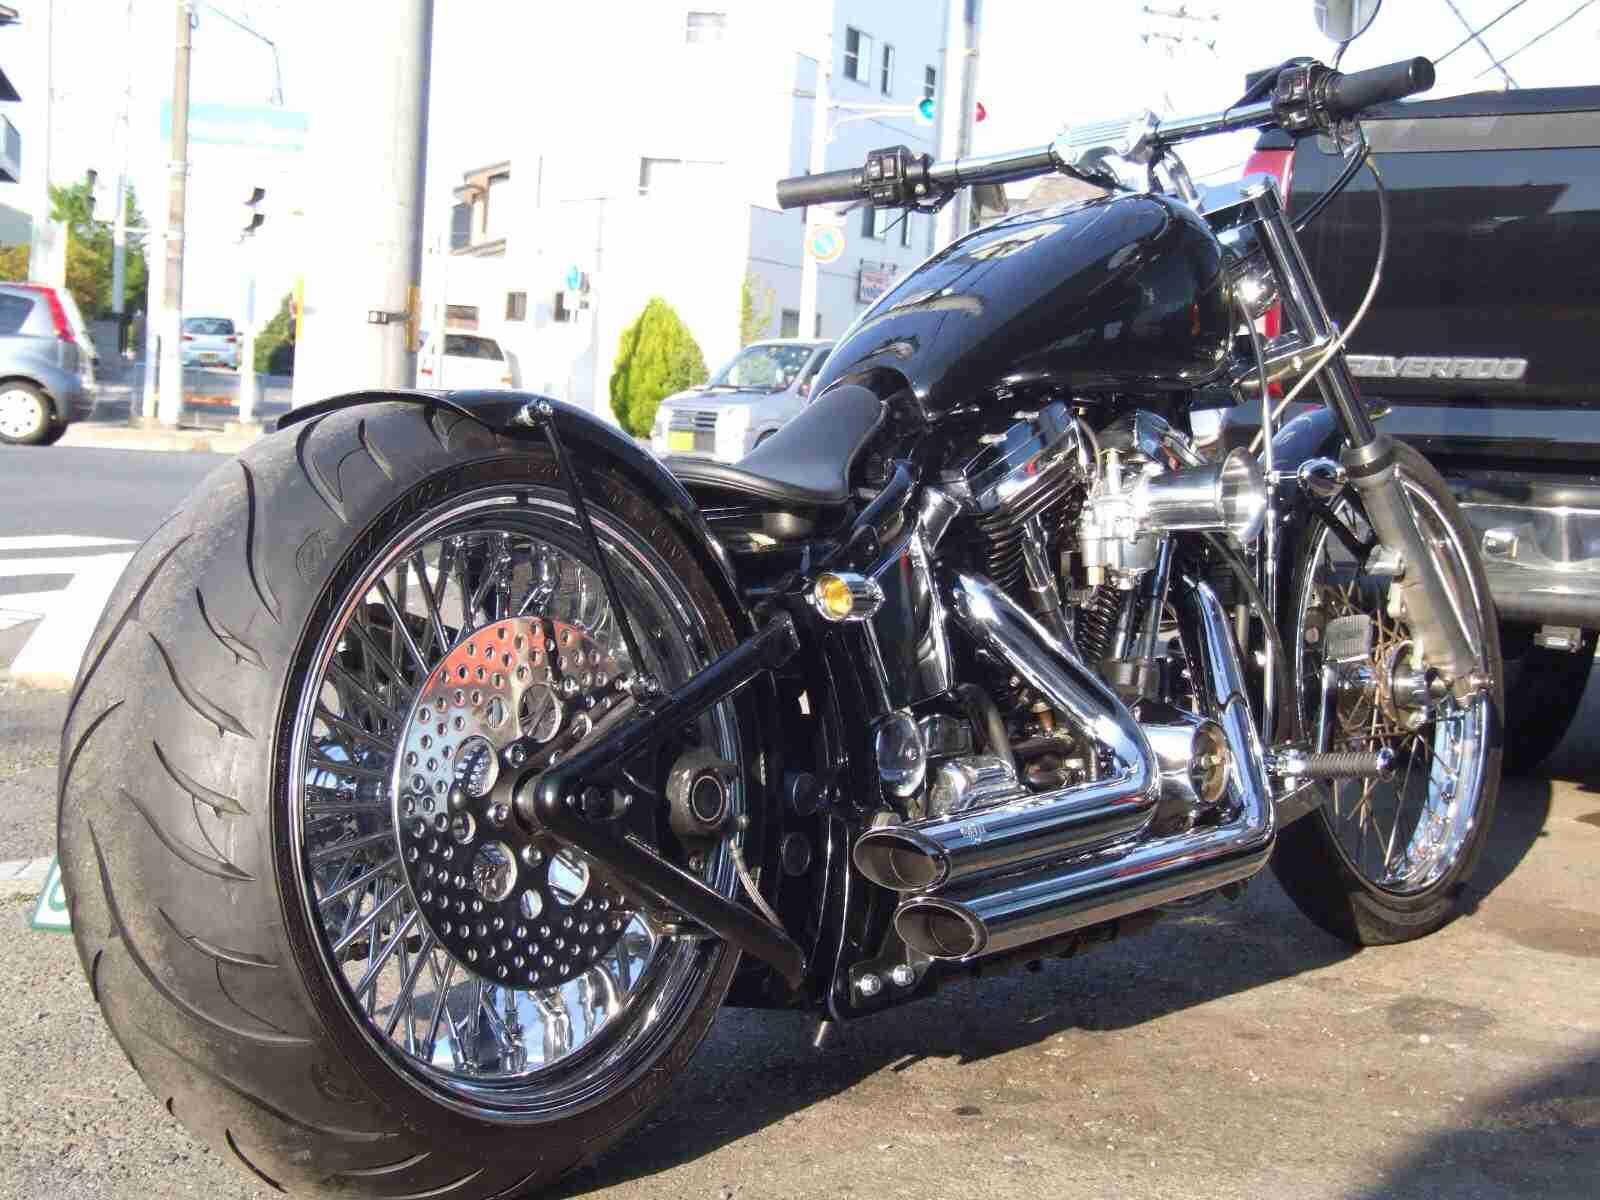 バイク好きな方々のご意見お聞かせ下さい!